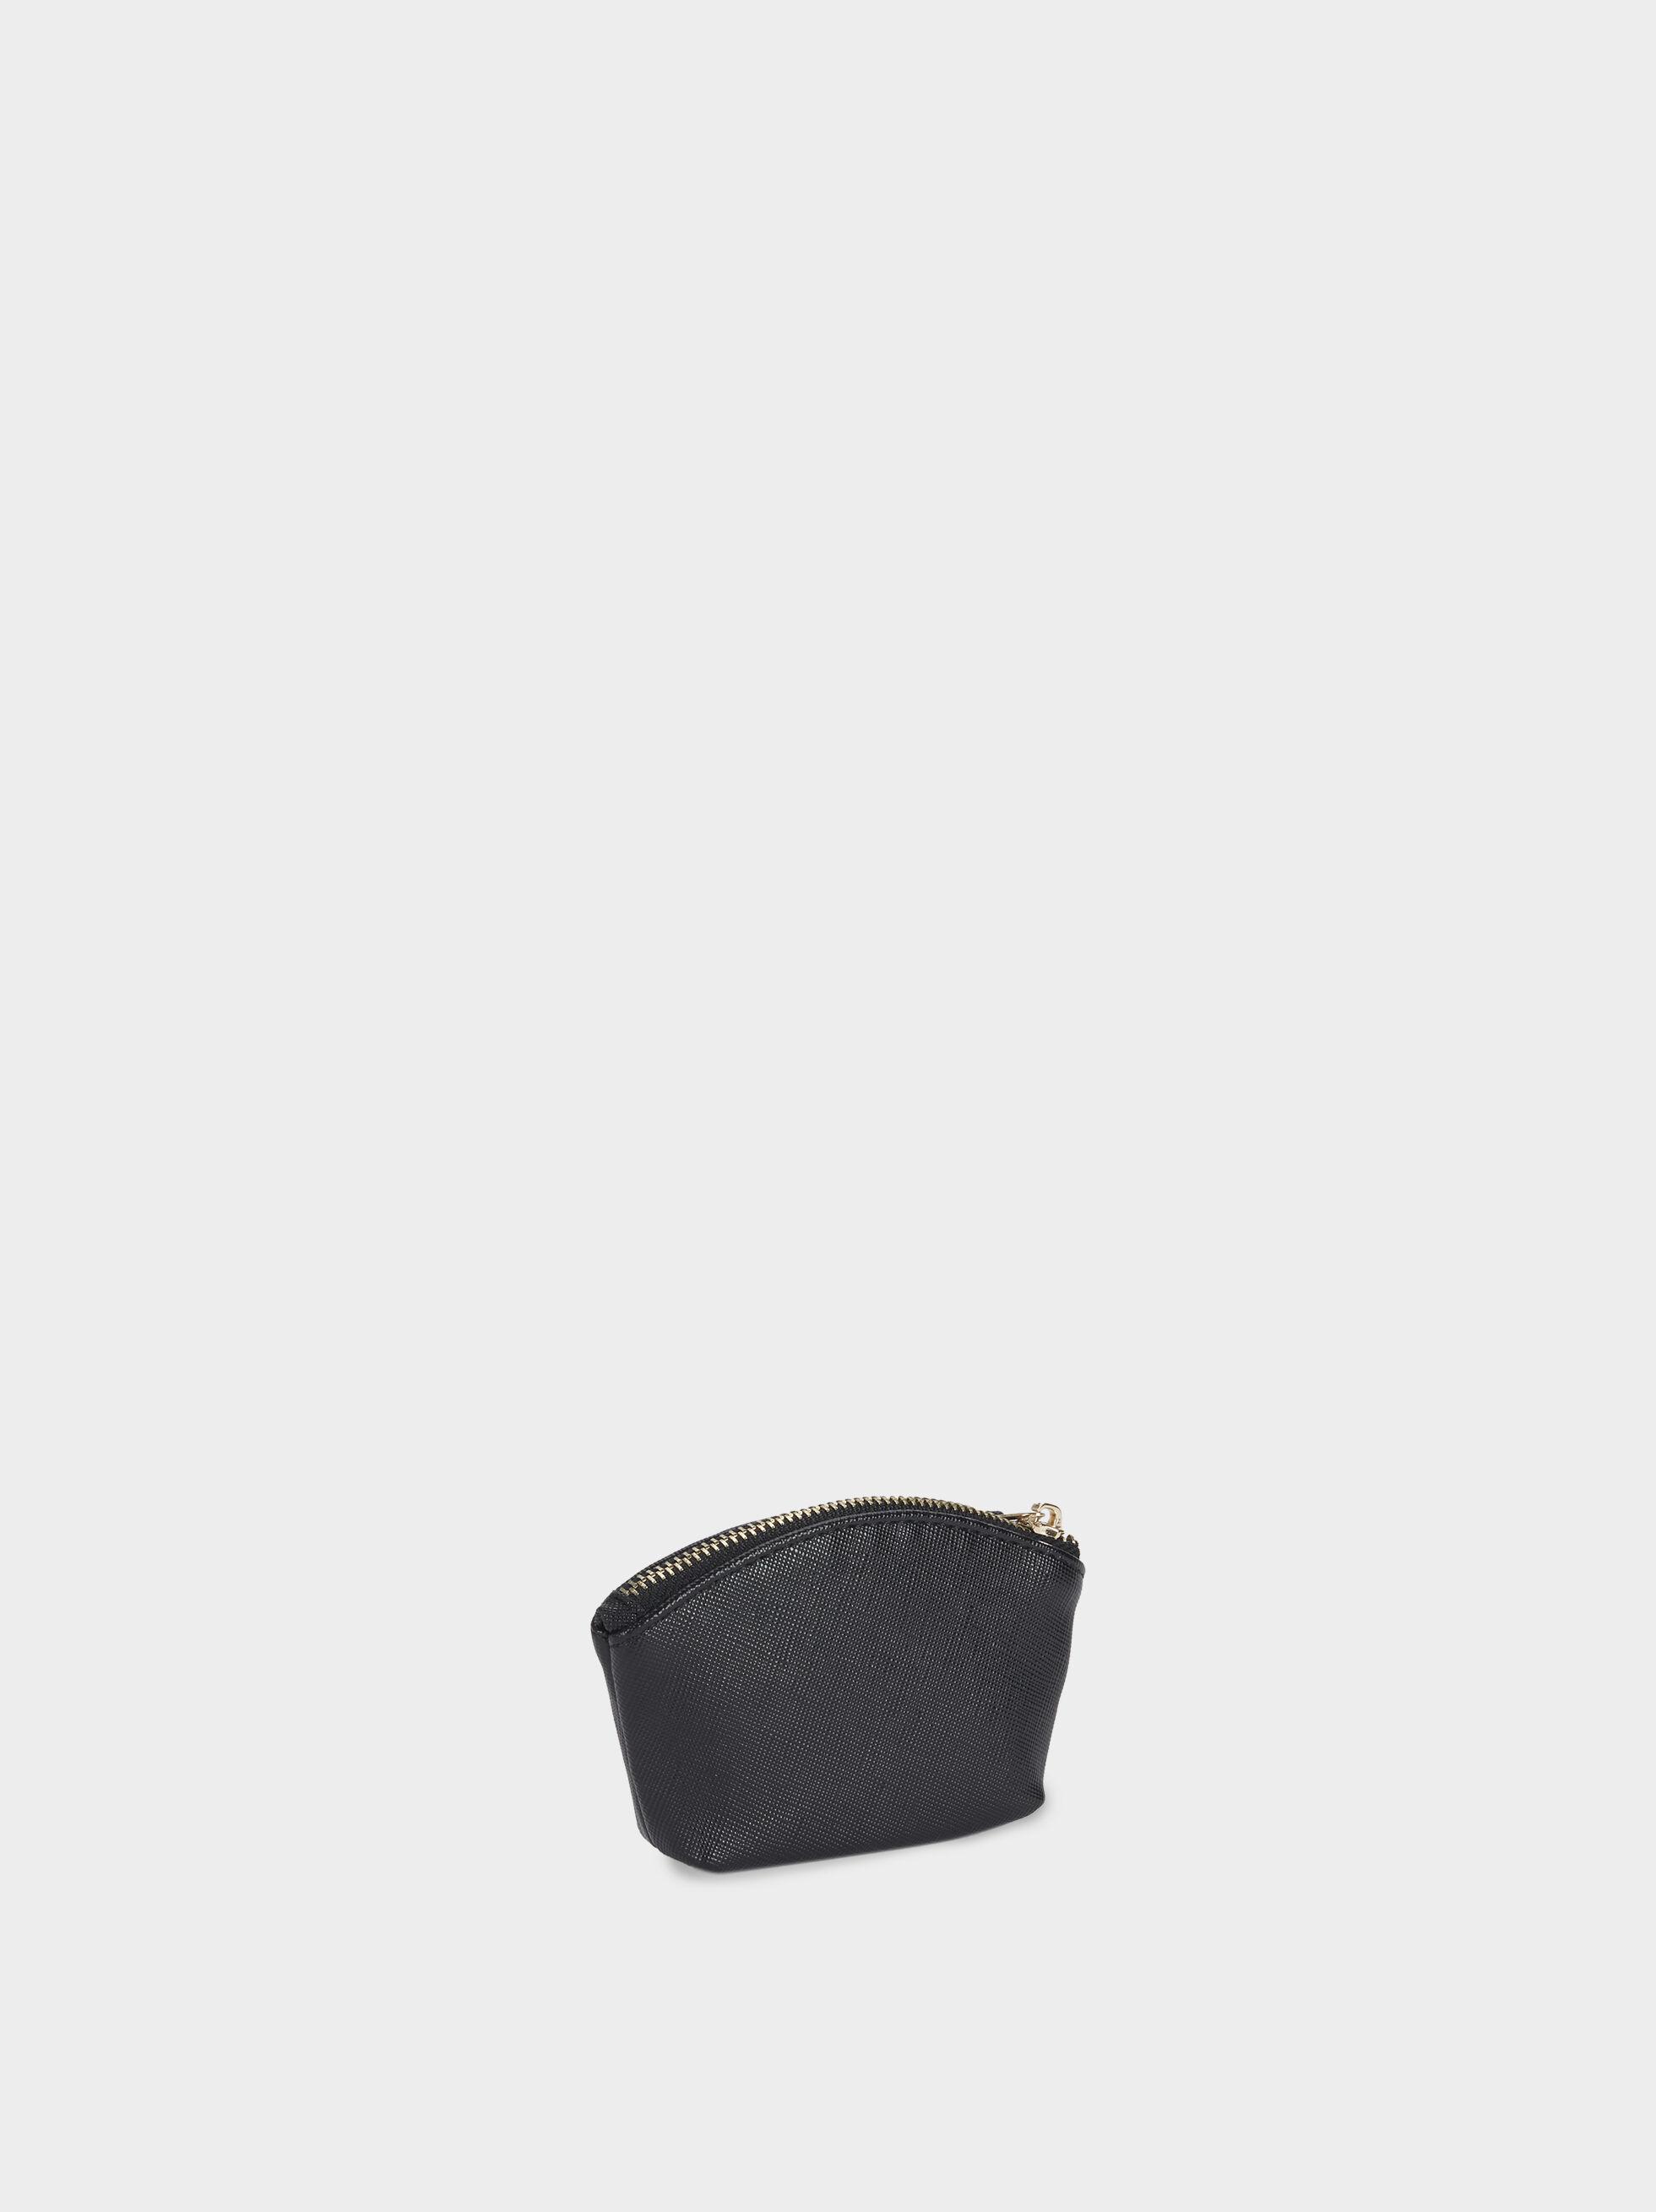 Basic Coin Purse, Black, hi-res